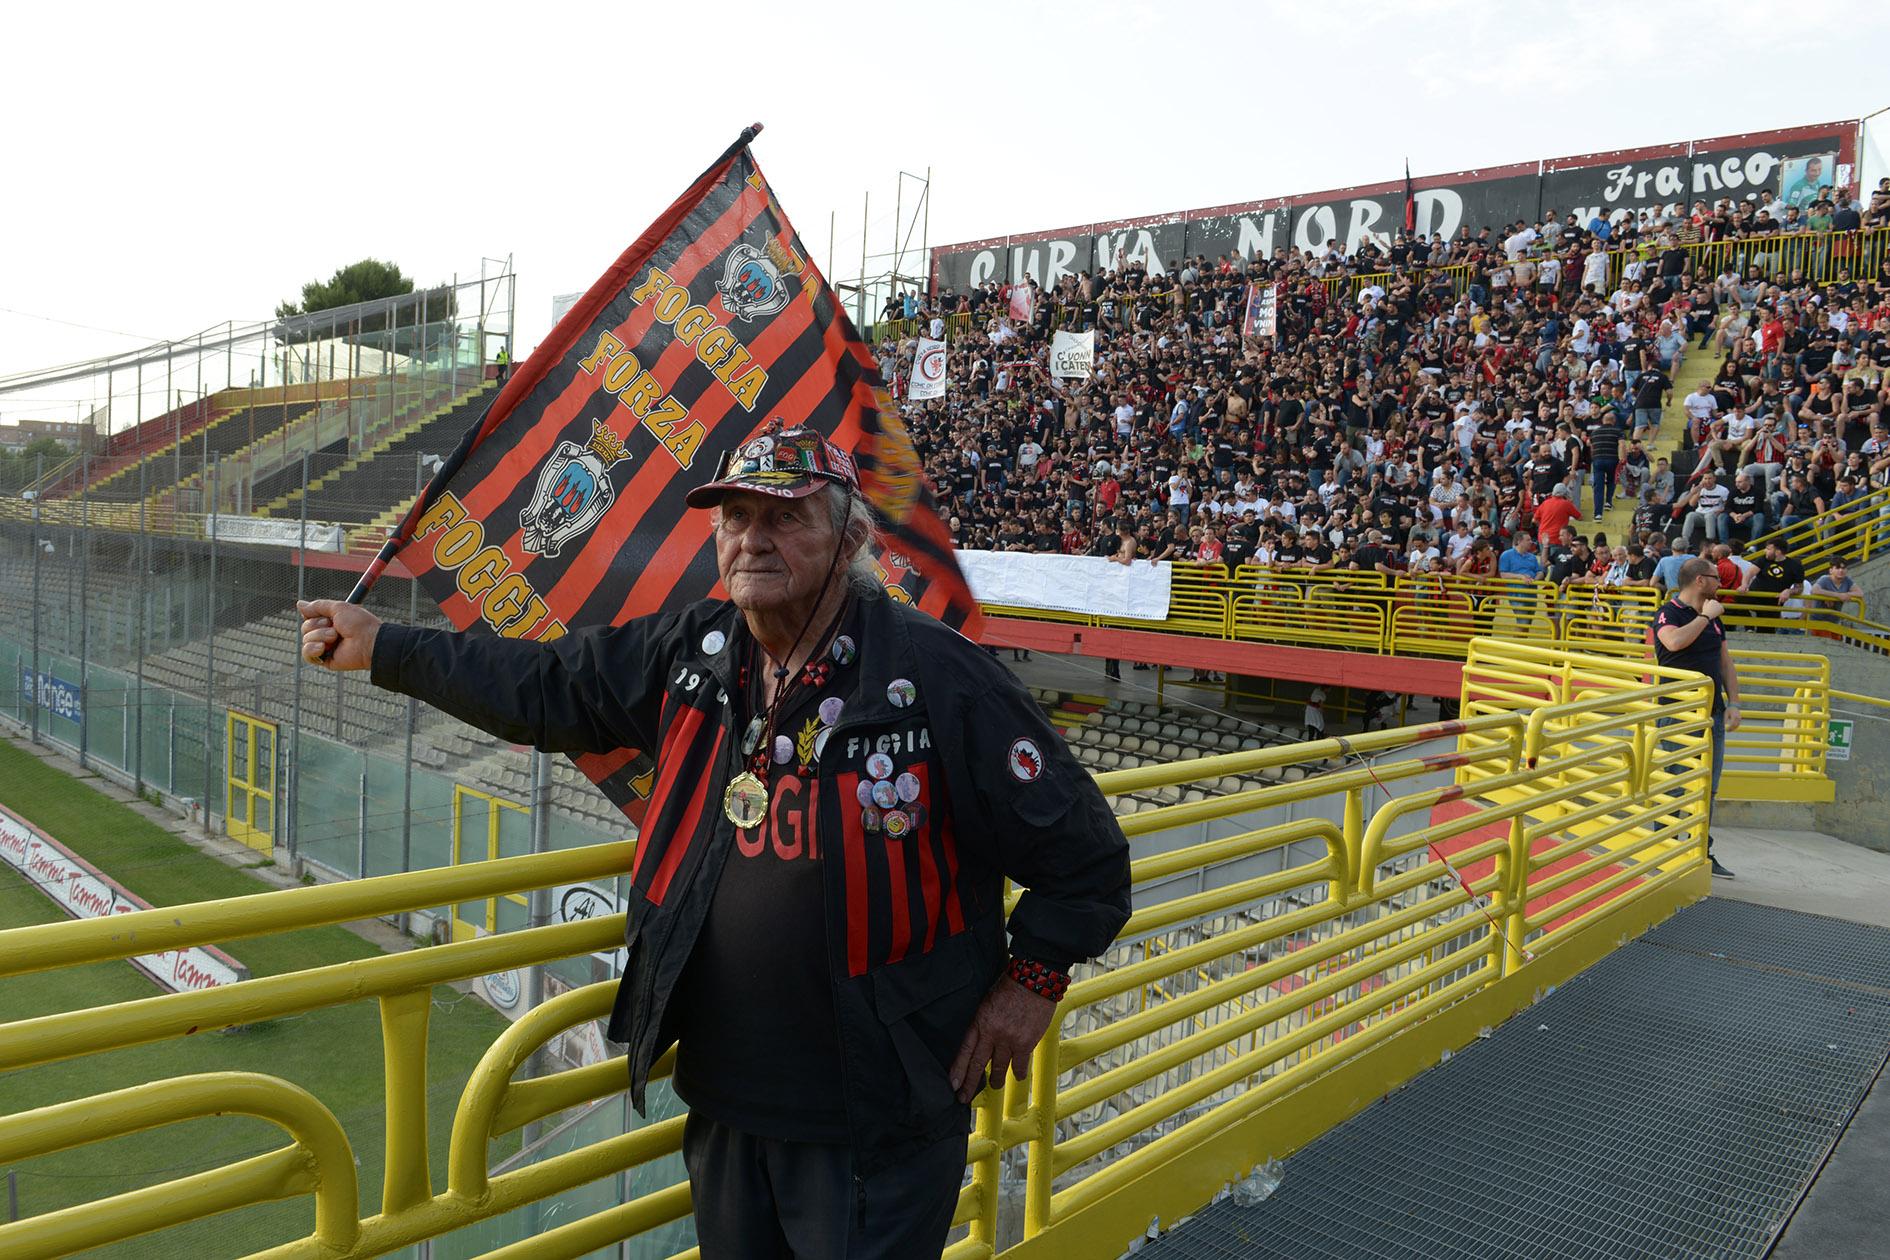 Seine Friedensbotschaft trägt Nonno Ciccio auf der Fahne ins Stadion – auch wenn sie bei den harten Jungs nicht ankommt.